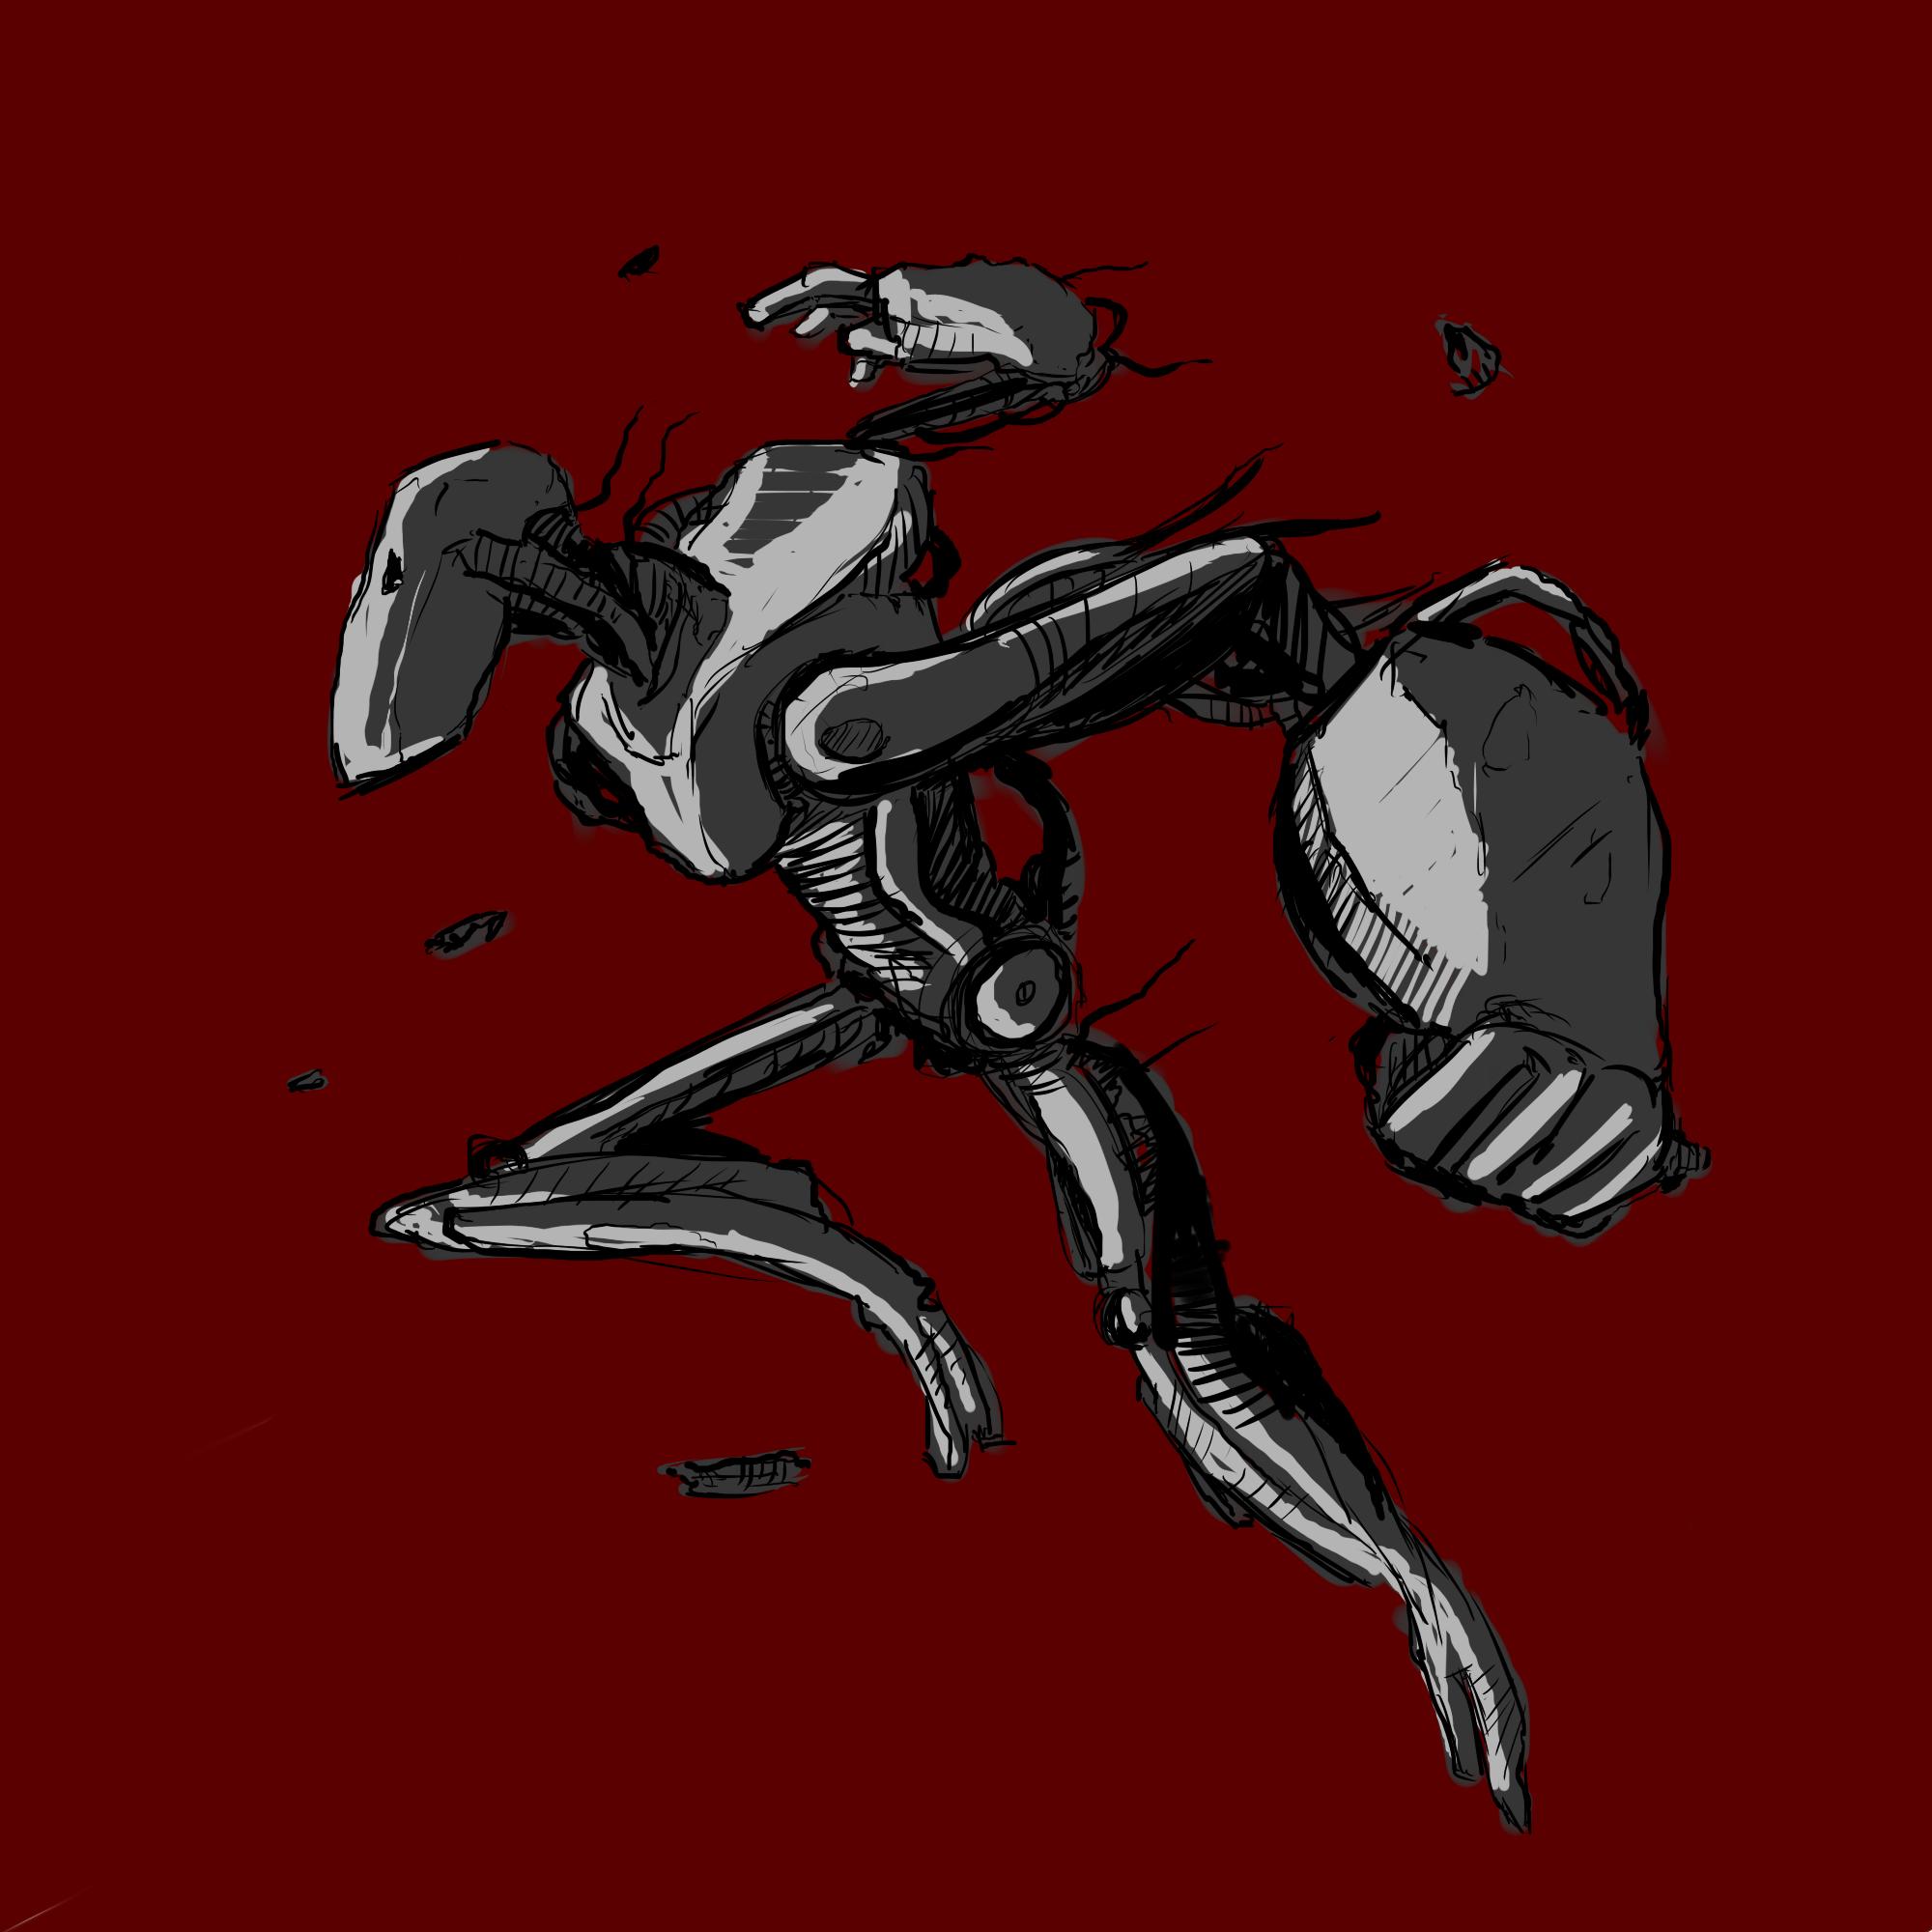 Its a robot